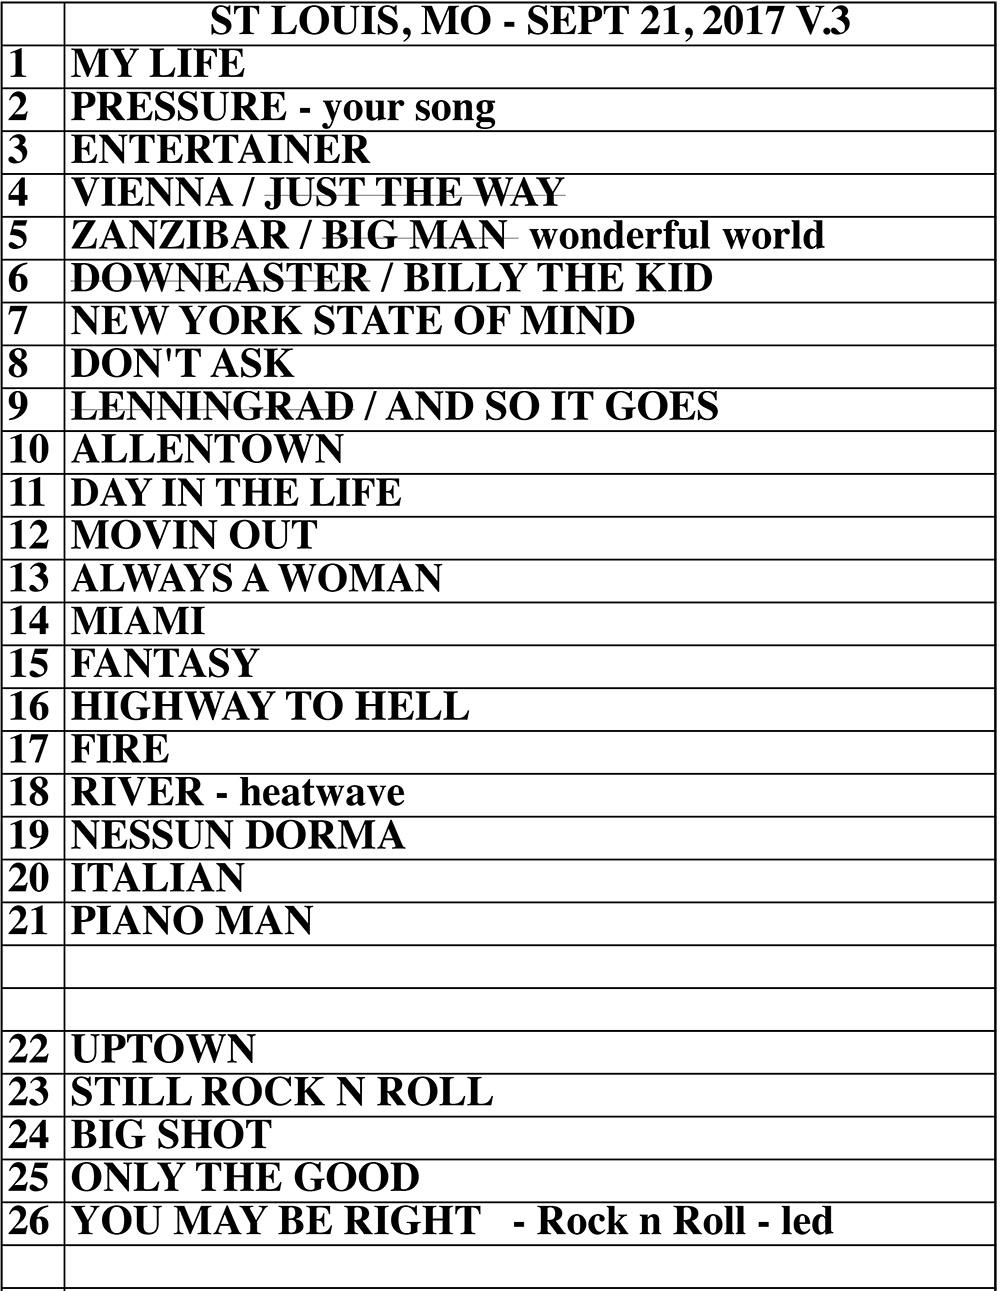 Set list from Billy Joel concert Busch Stadium St. Louis, MO, September 21, 2017